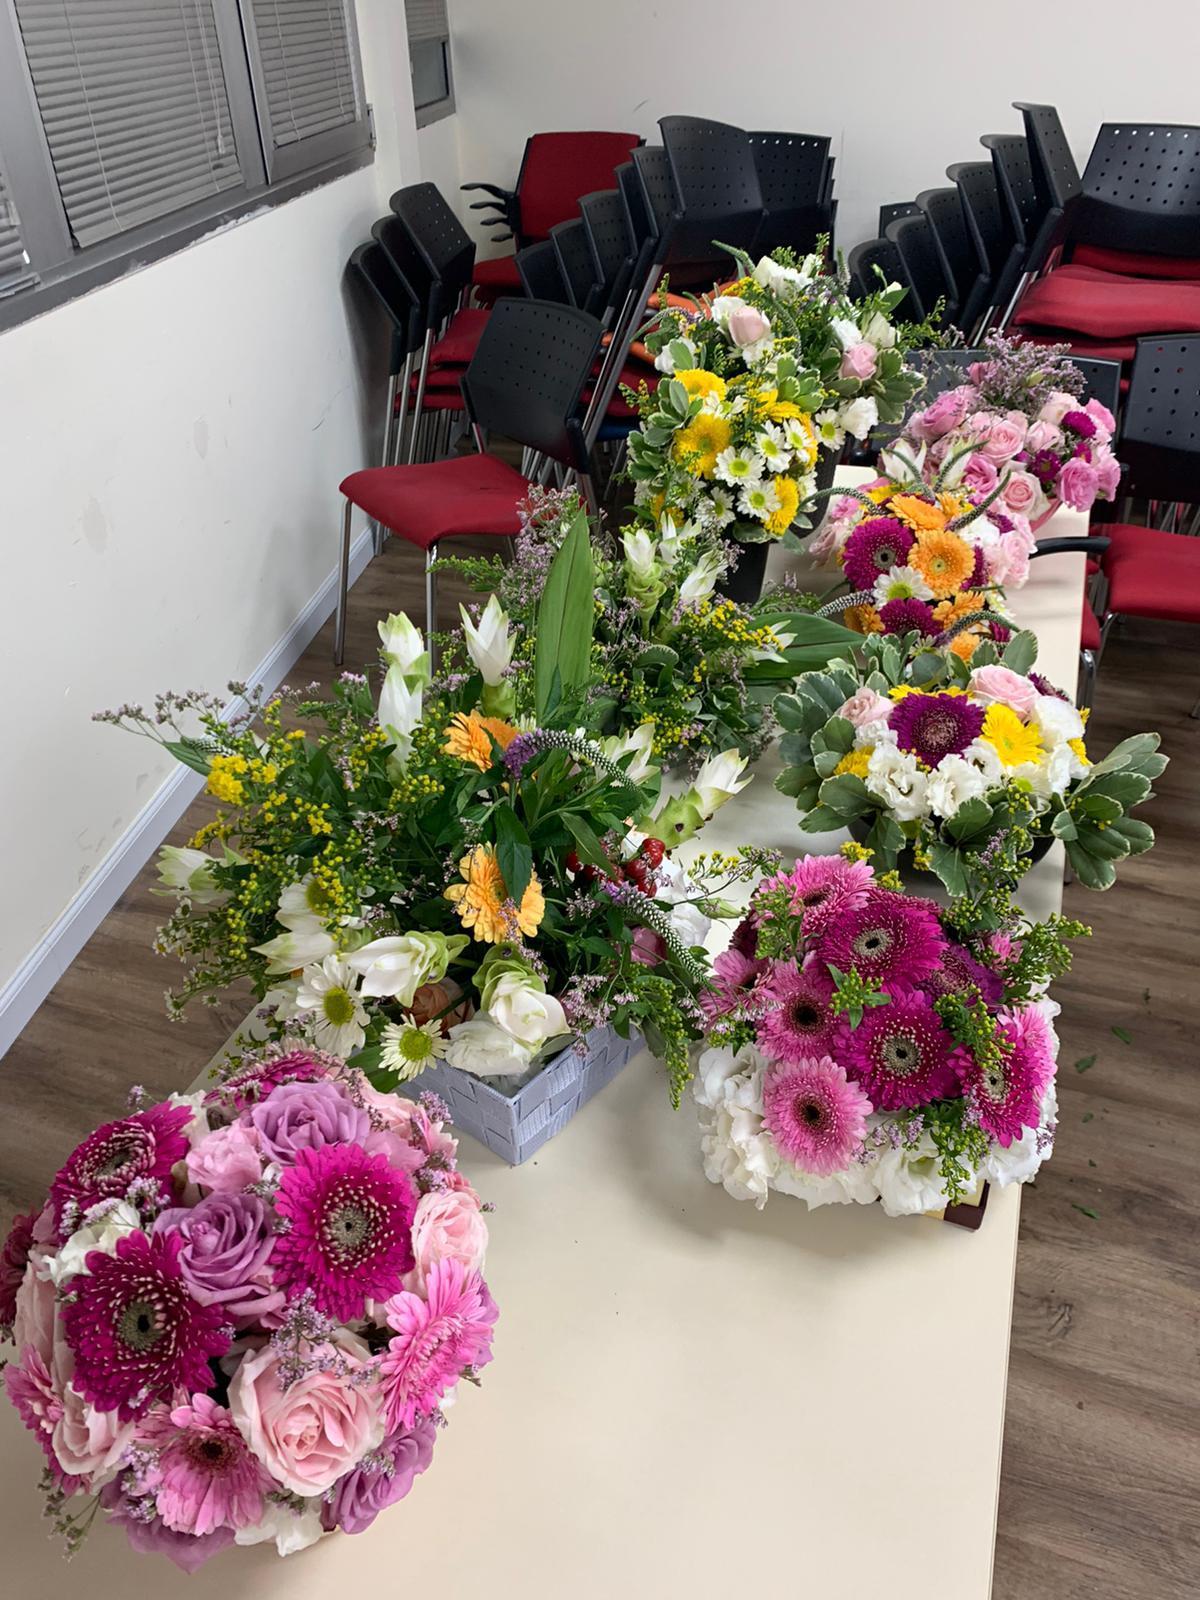 גלרייה - שיעור שזירת פרחים - קורס הפקת אירועים מחזור 24, 31 מתוך 35